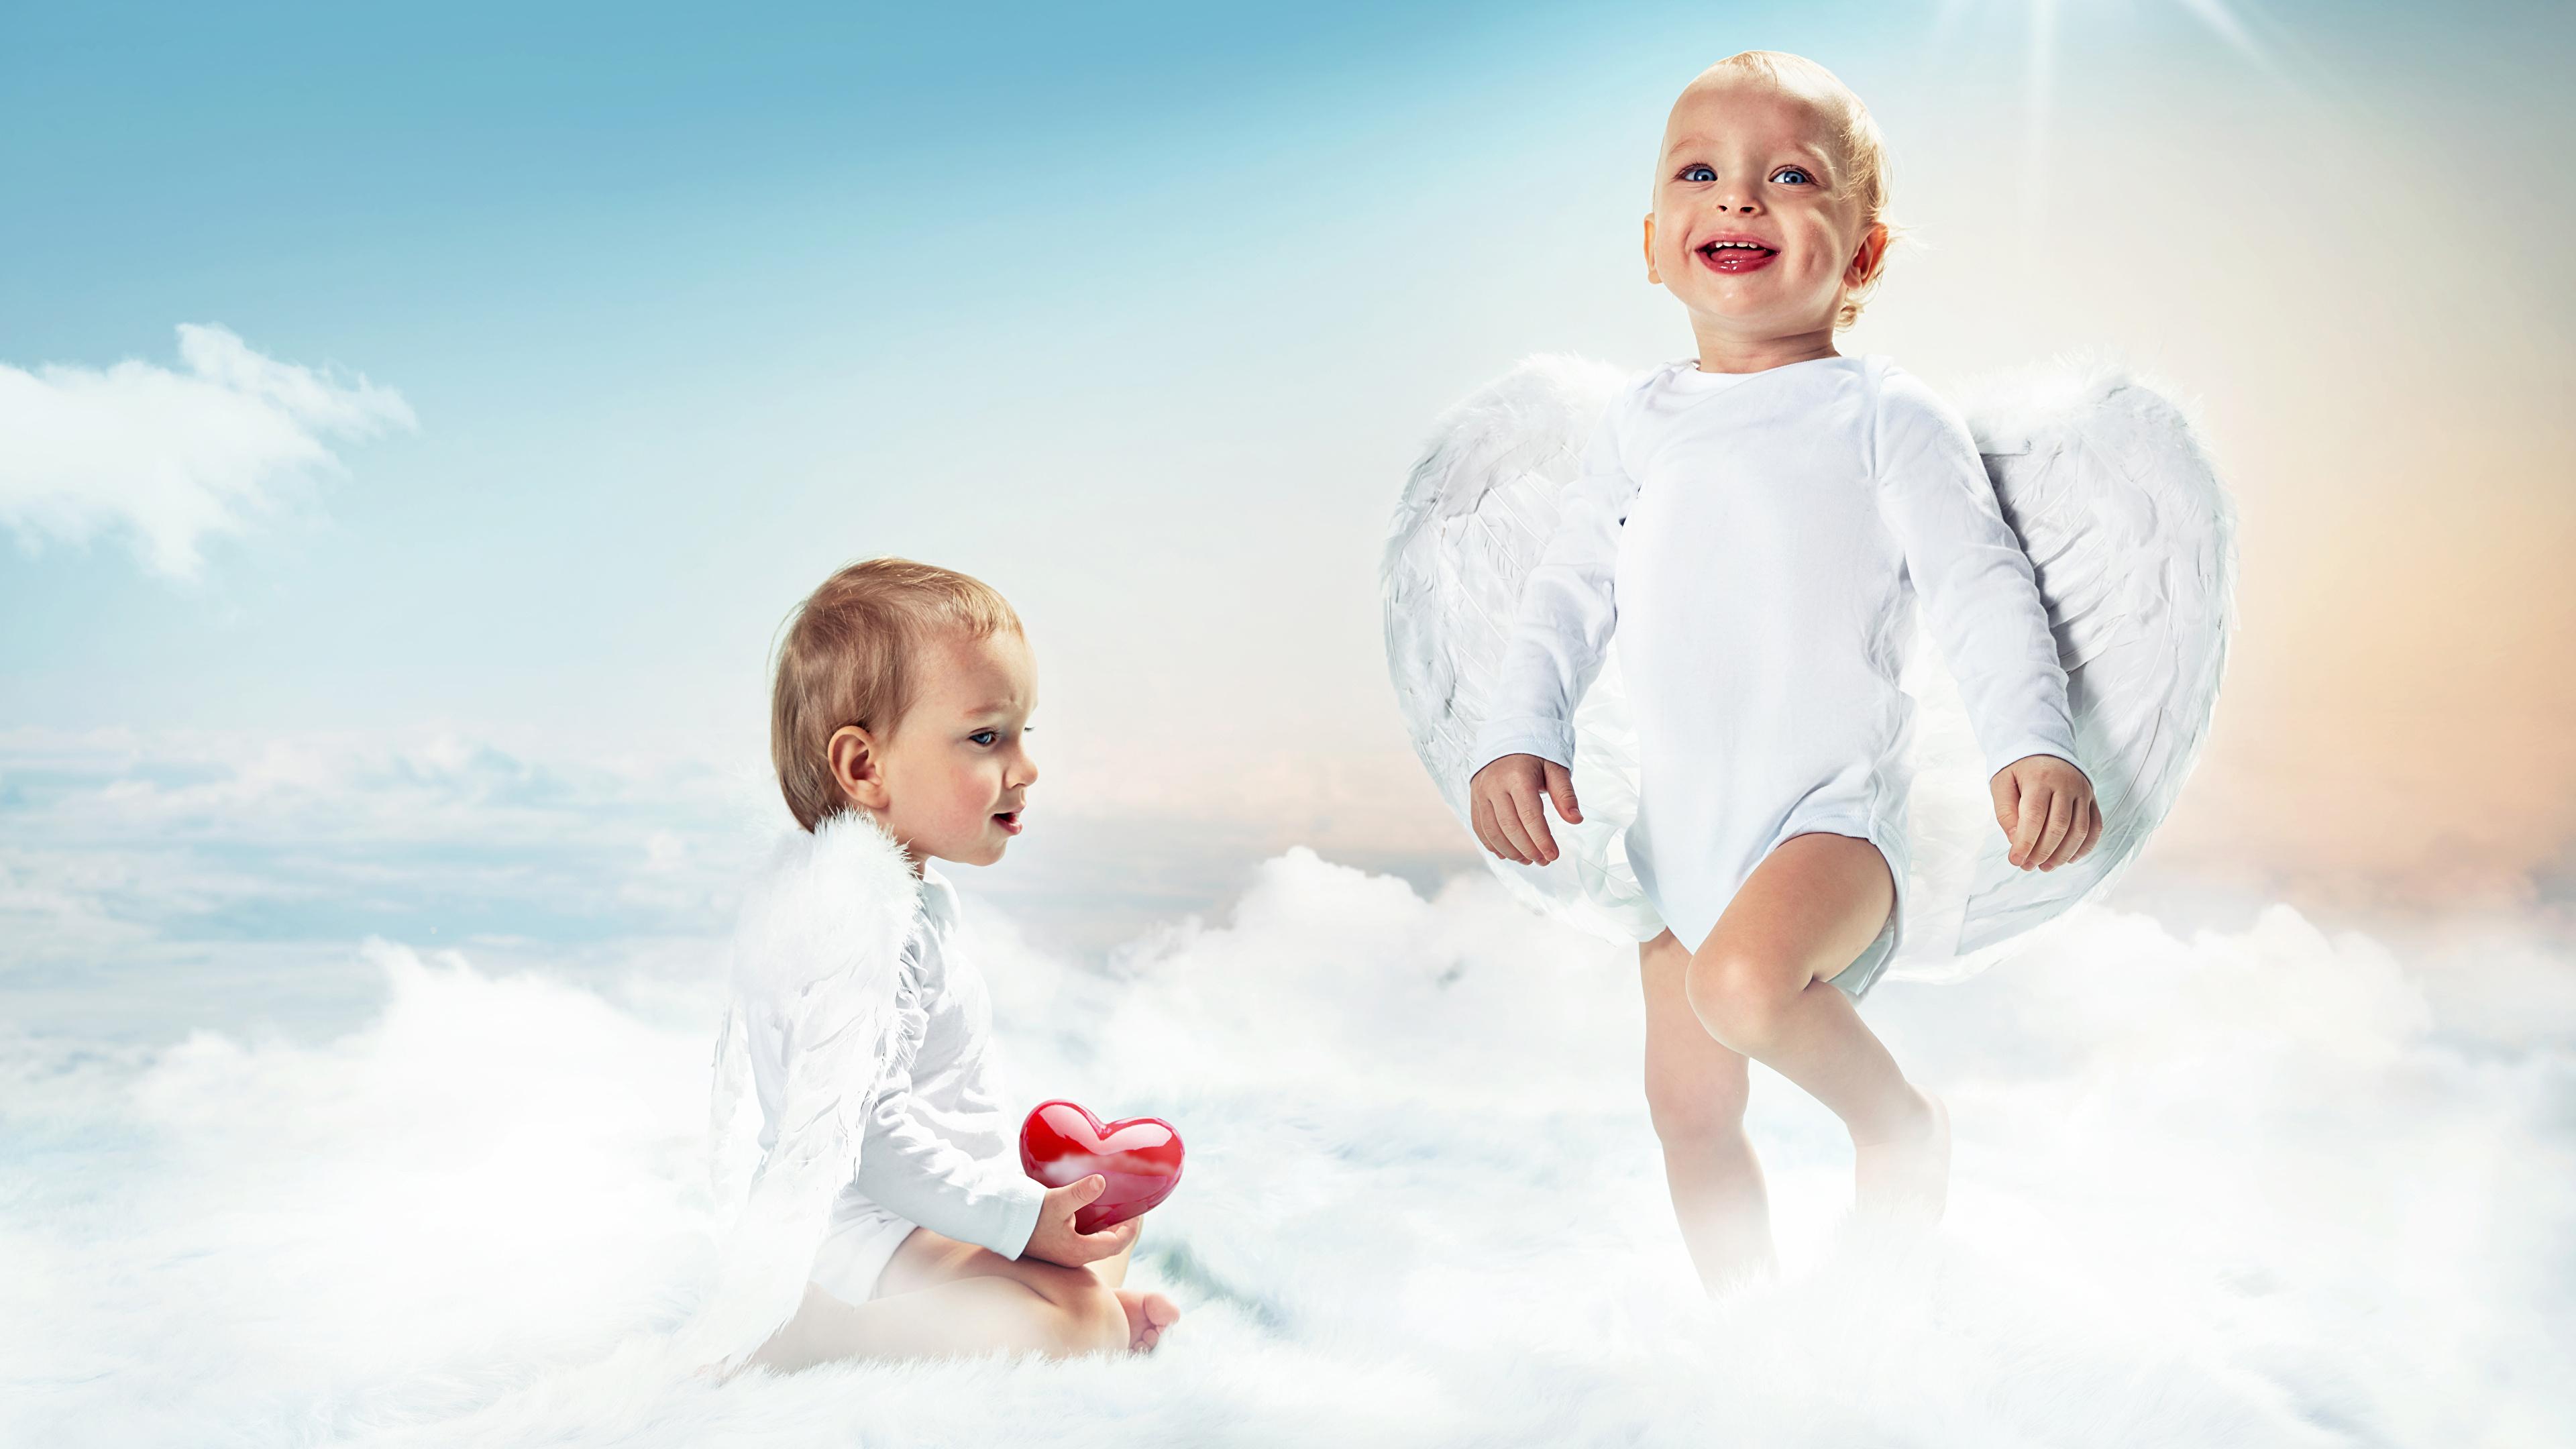 Картинки грудной ребёнок сердечко улыбается Крылья Дети две Ангелы 3840x2160 младенца младенец Младенцы серце сердца Сердце Улыбка Ребёнок 2 два Двое вдвоем